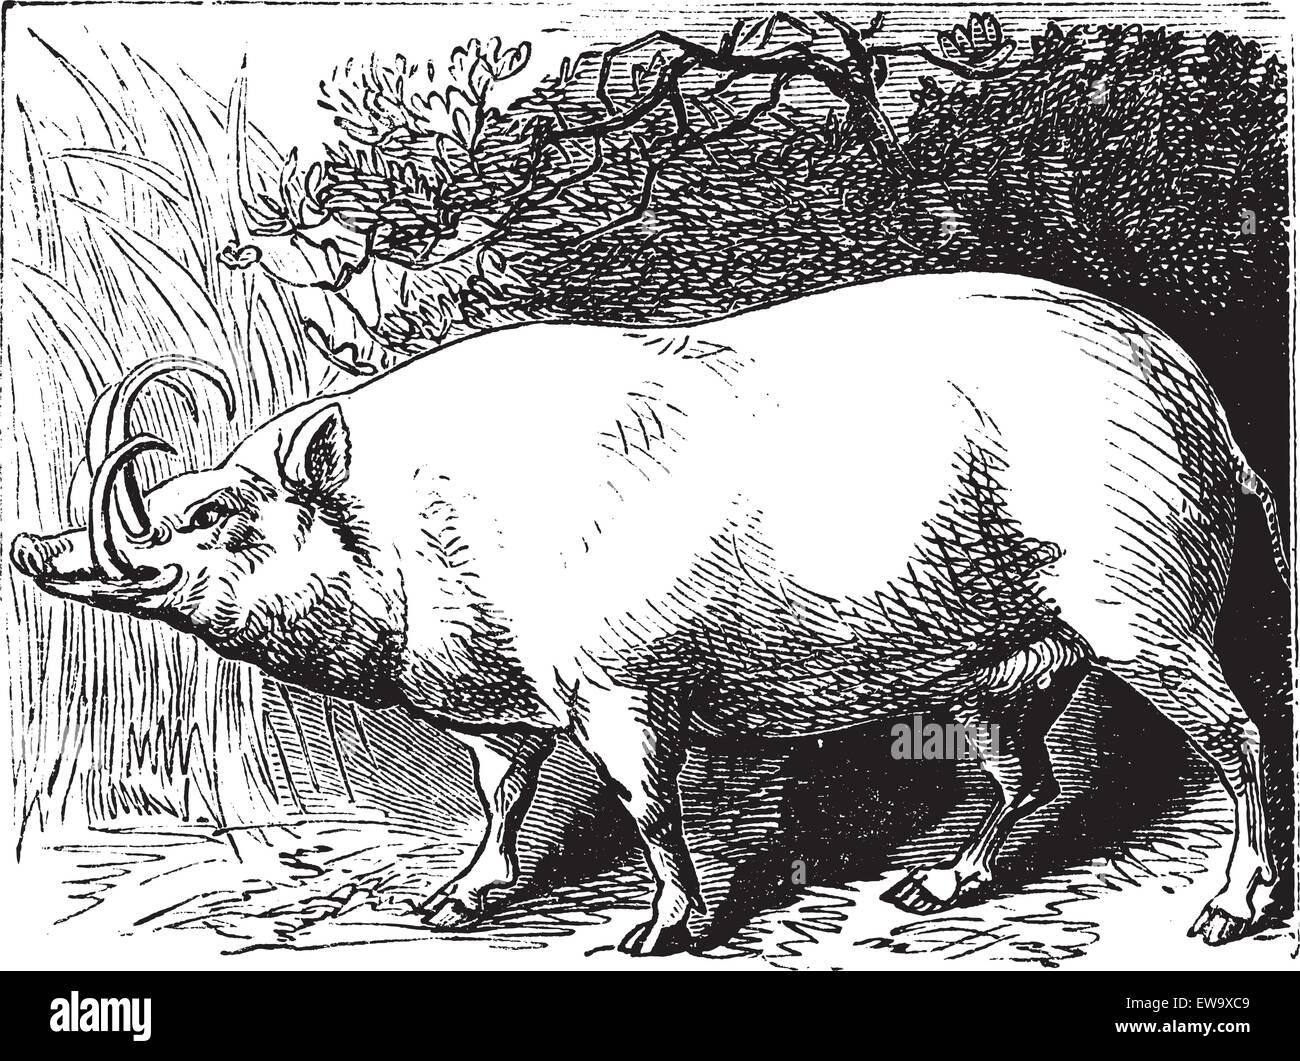 The Babirusa, Babyrousa, Buru babirusa or Pig-deer. Vintage engraving. Old engraved illustration of a a pig-deer - Stock Vector